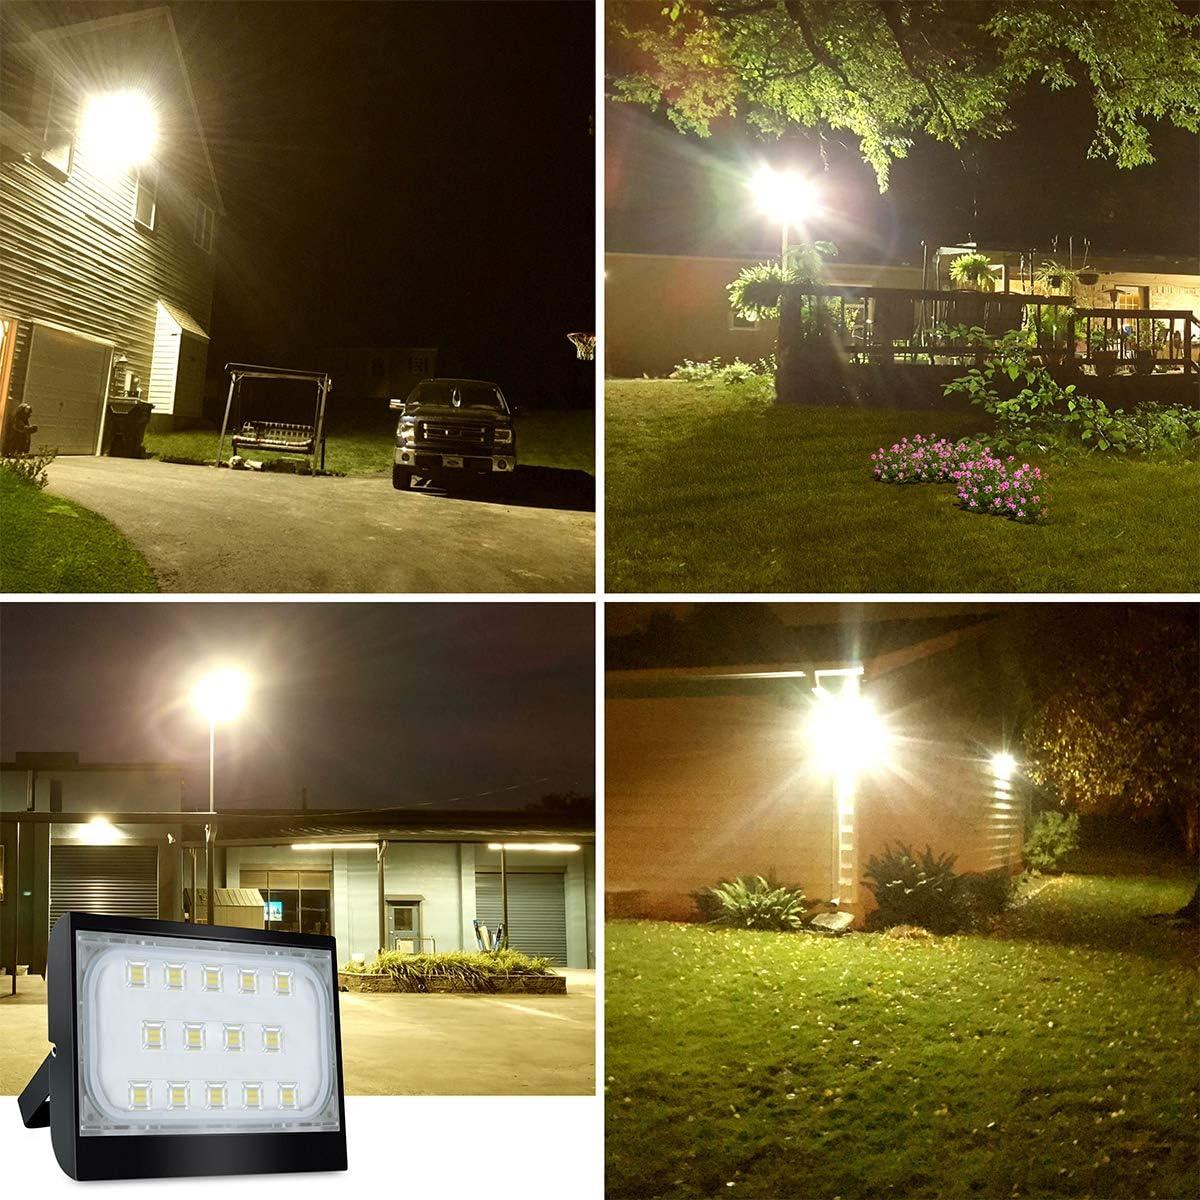 HXFYJ Reflector LED para Exteriores luz de Seguridad LED de 50 W focos LED s/úper Brillantes Impermeables IP65 para jard/ín garajes almac/én Vallas publicitarias Blanco c/álido,1 Pack Patio Patio